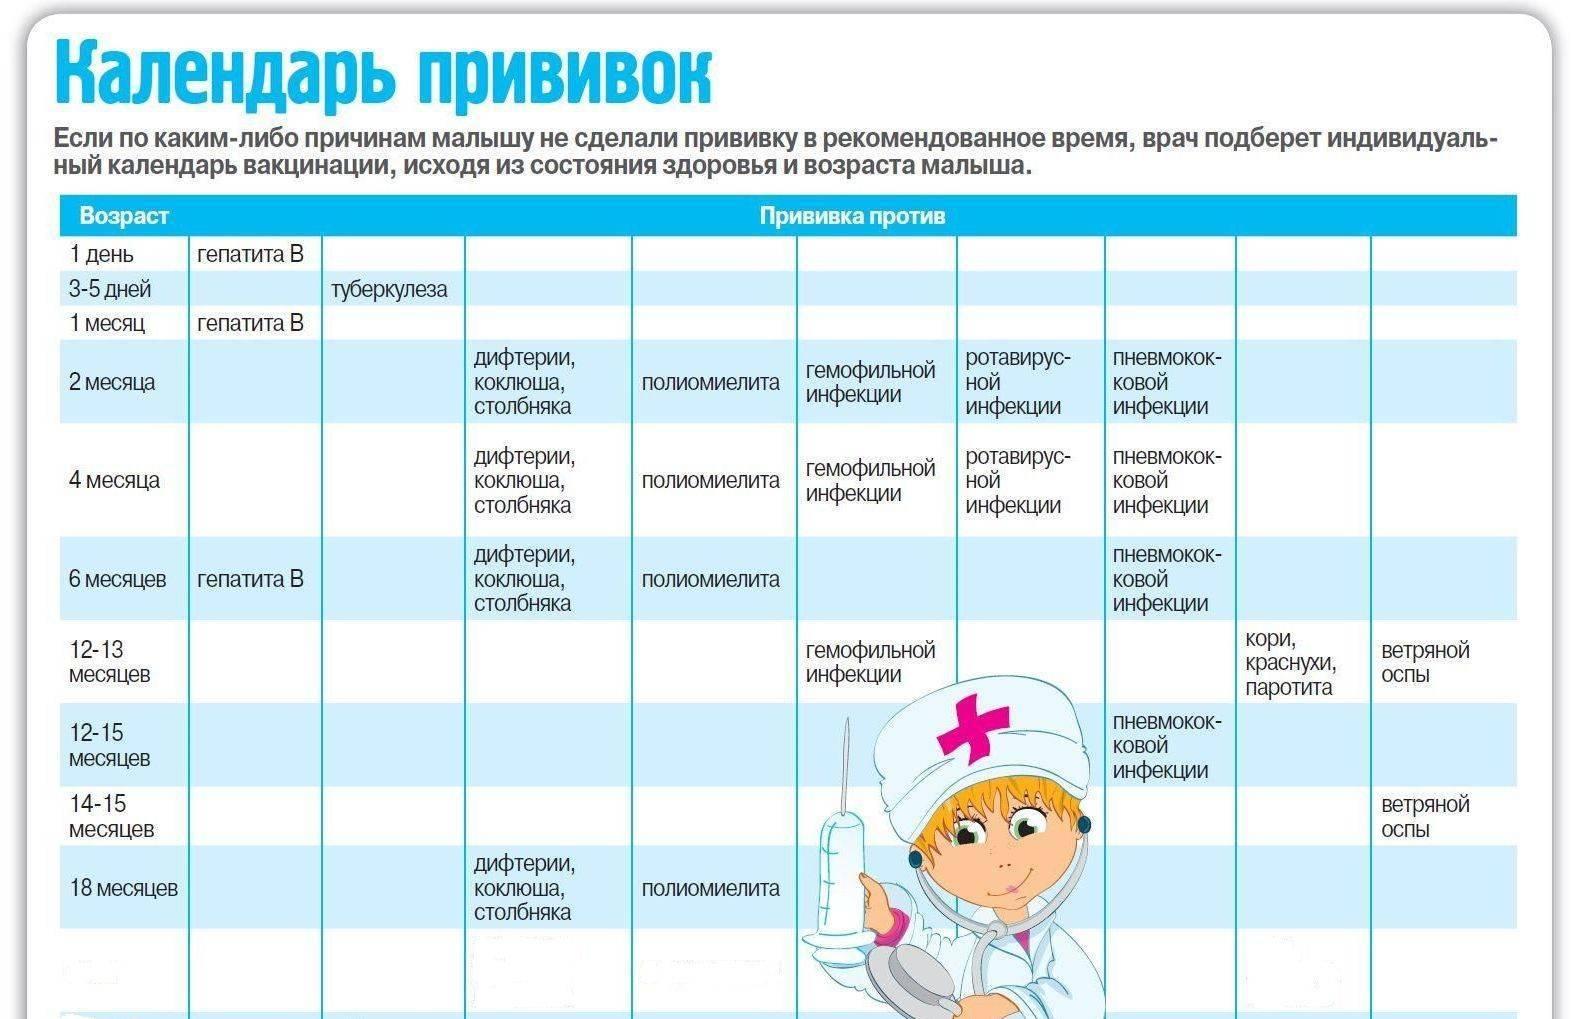 Календарь прививок по месяцам до 1 года: список и график плановой вакцинации детей в России